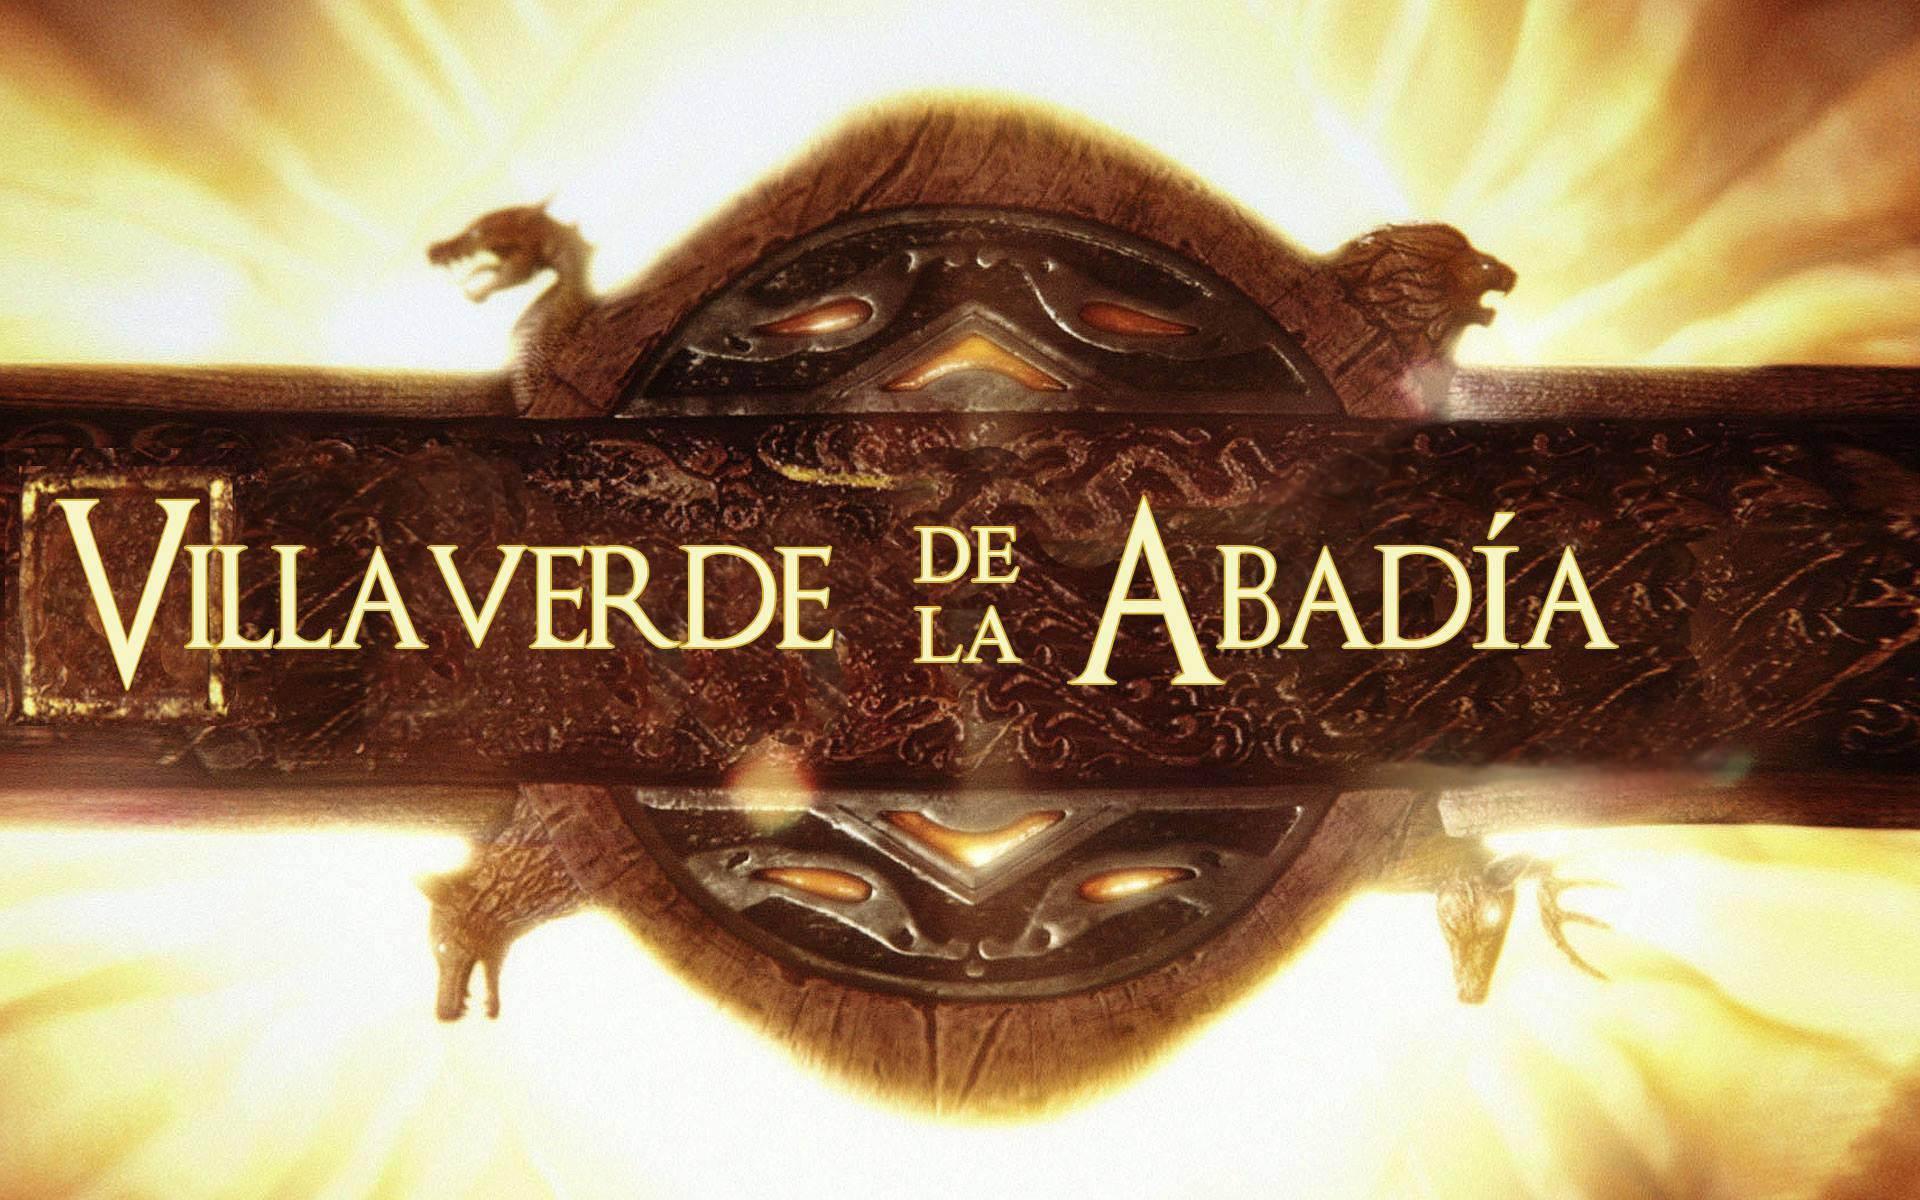 Grandes Fiestas en honor a San Roque en Villaverde de la Abadía 1